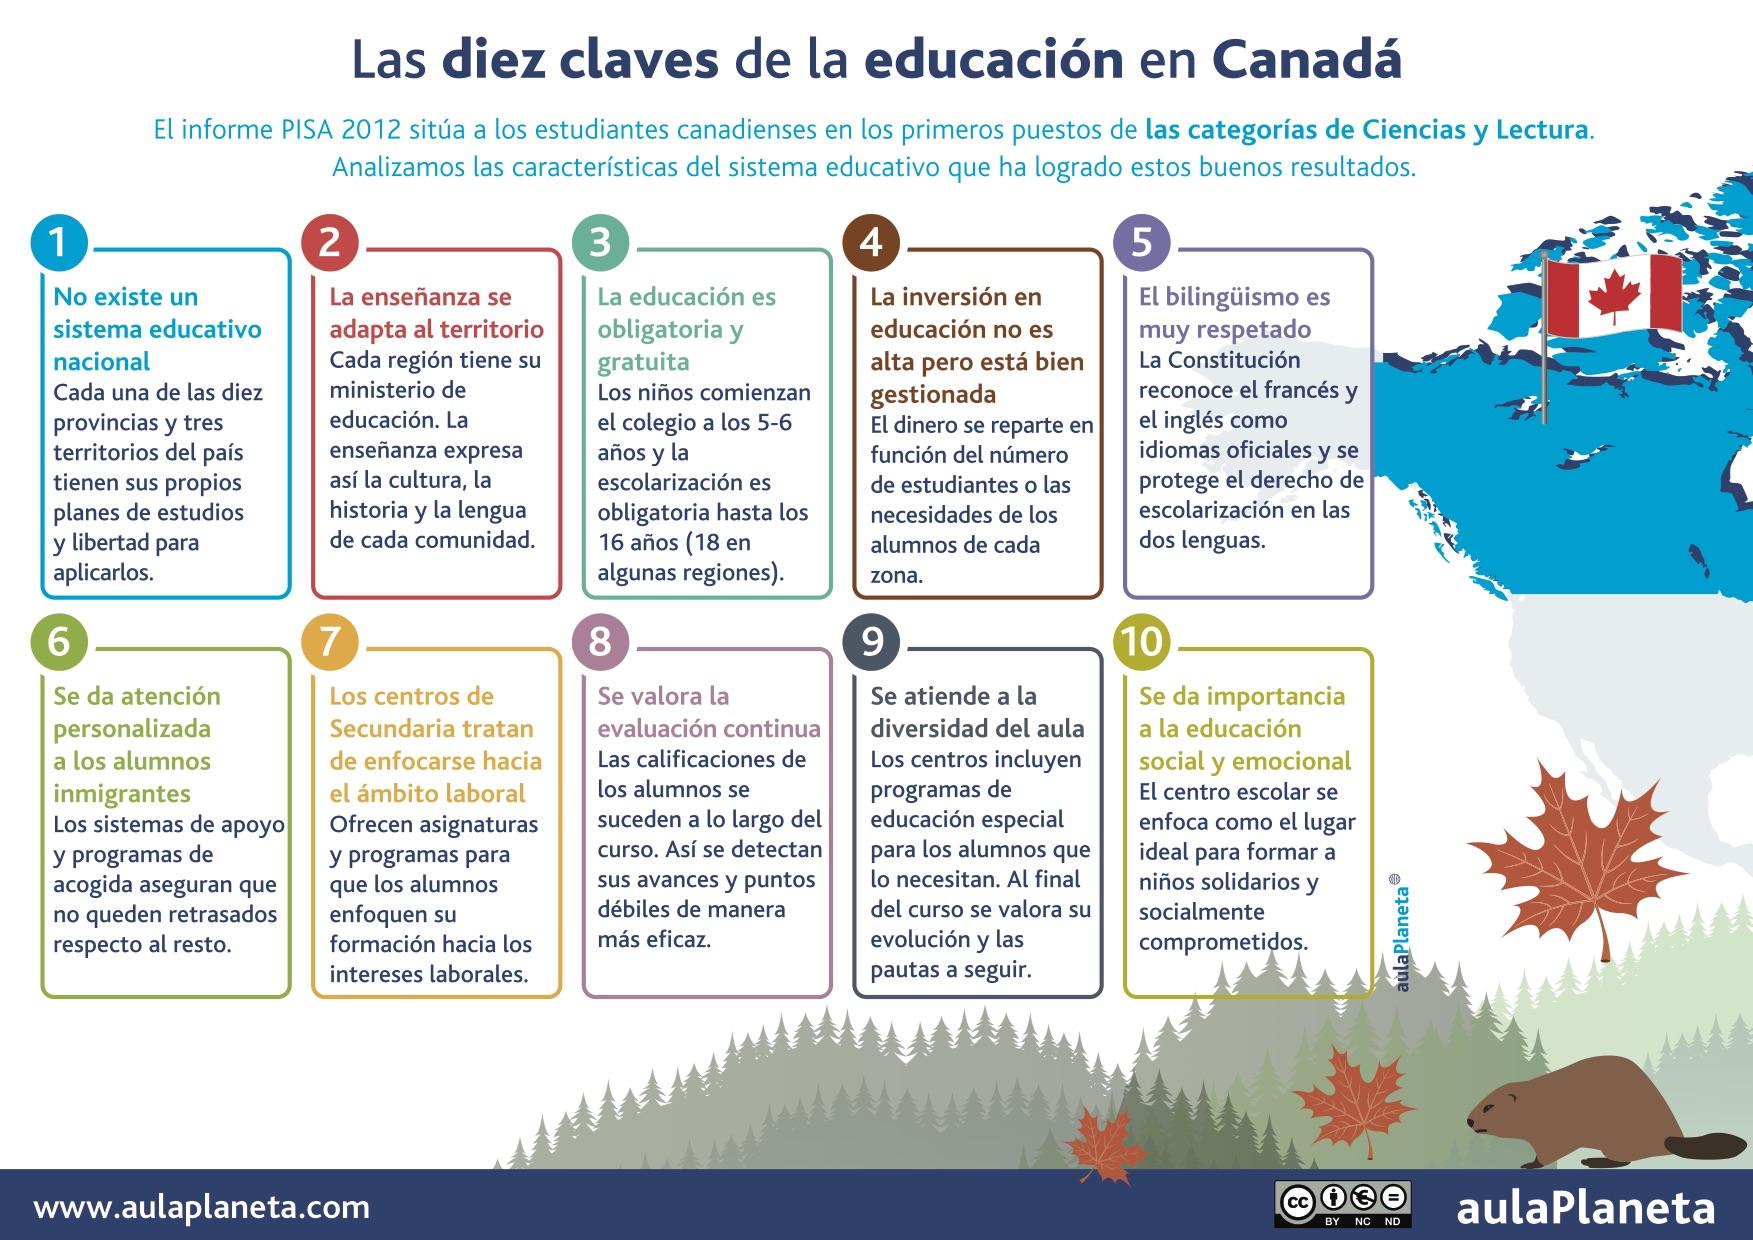 10 claves sobre educación en Canadá